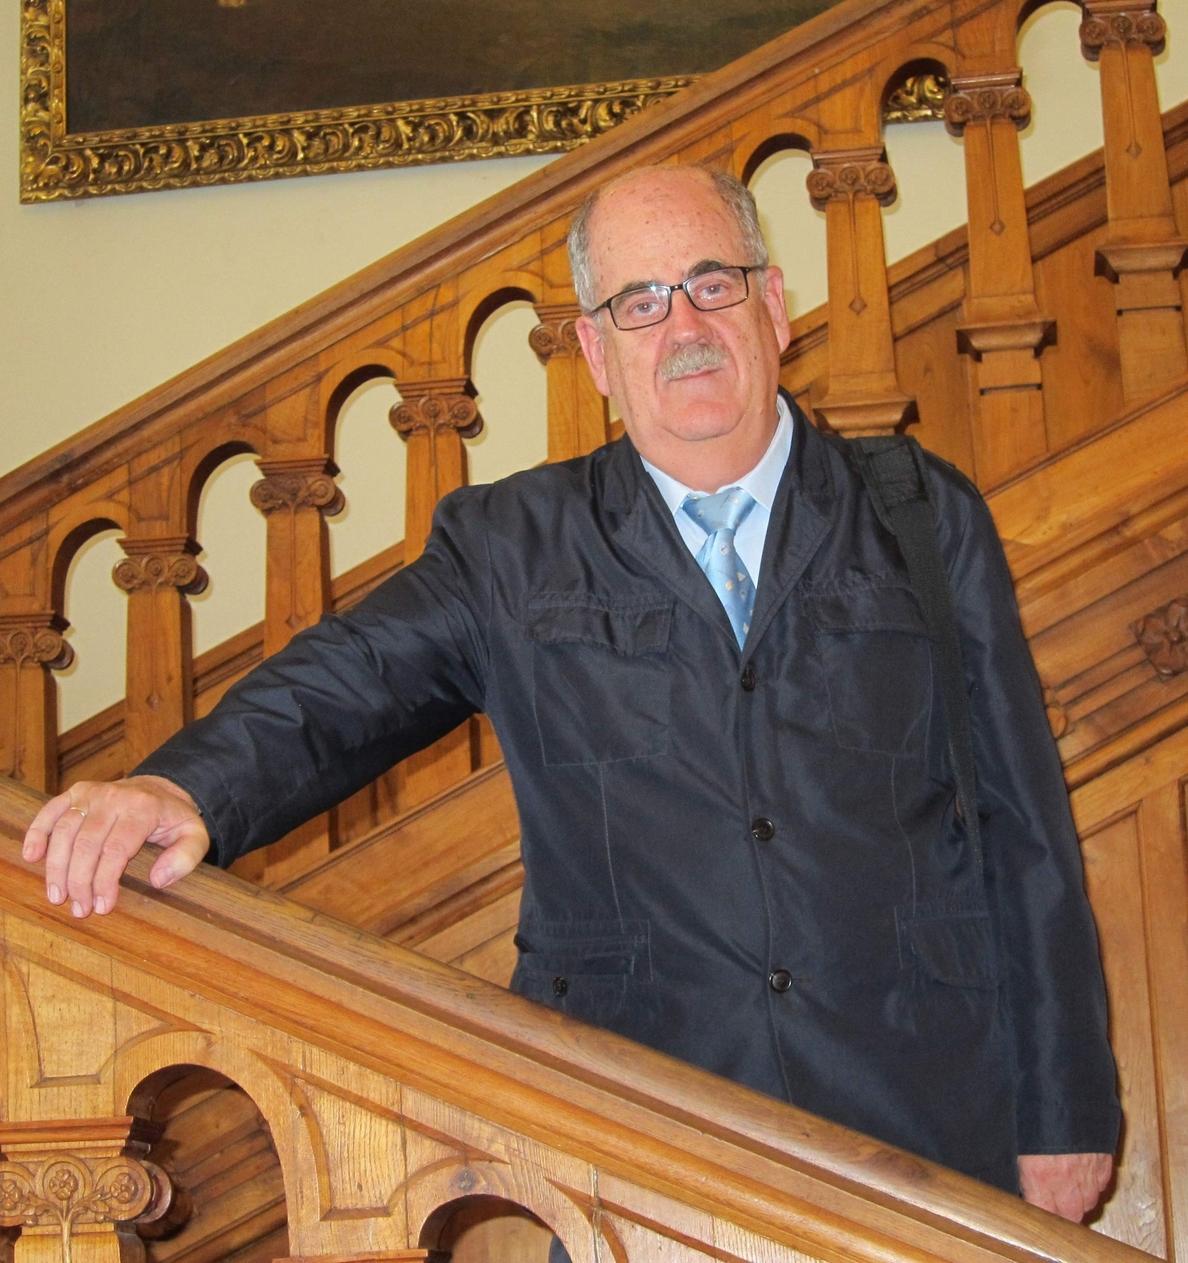 El catedrático Juan Arana pide que España «reinvente» su filosofía aprovechando que no tiene «una gran tradición»